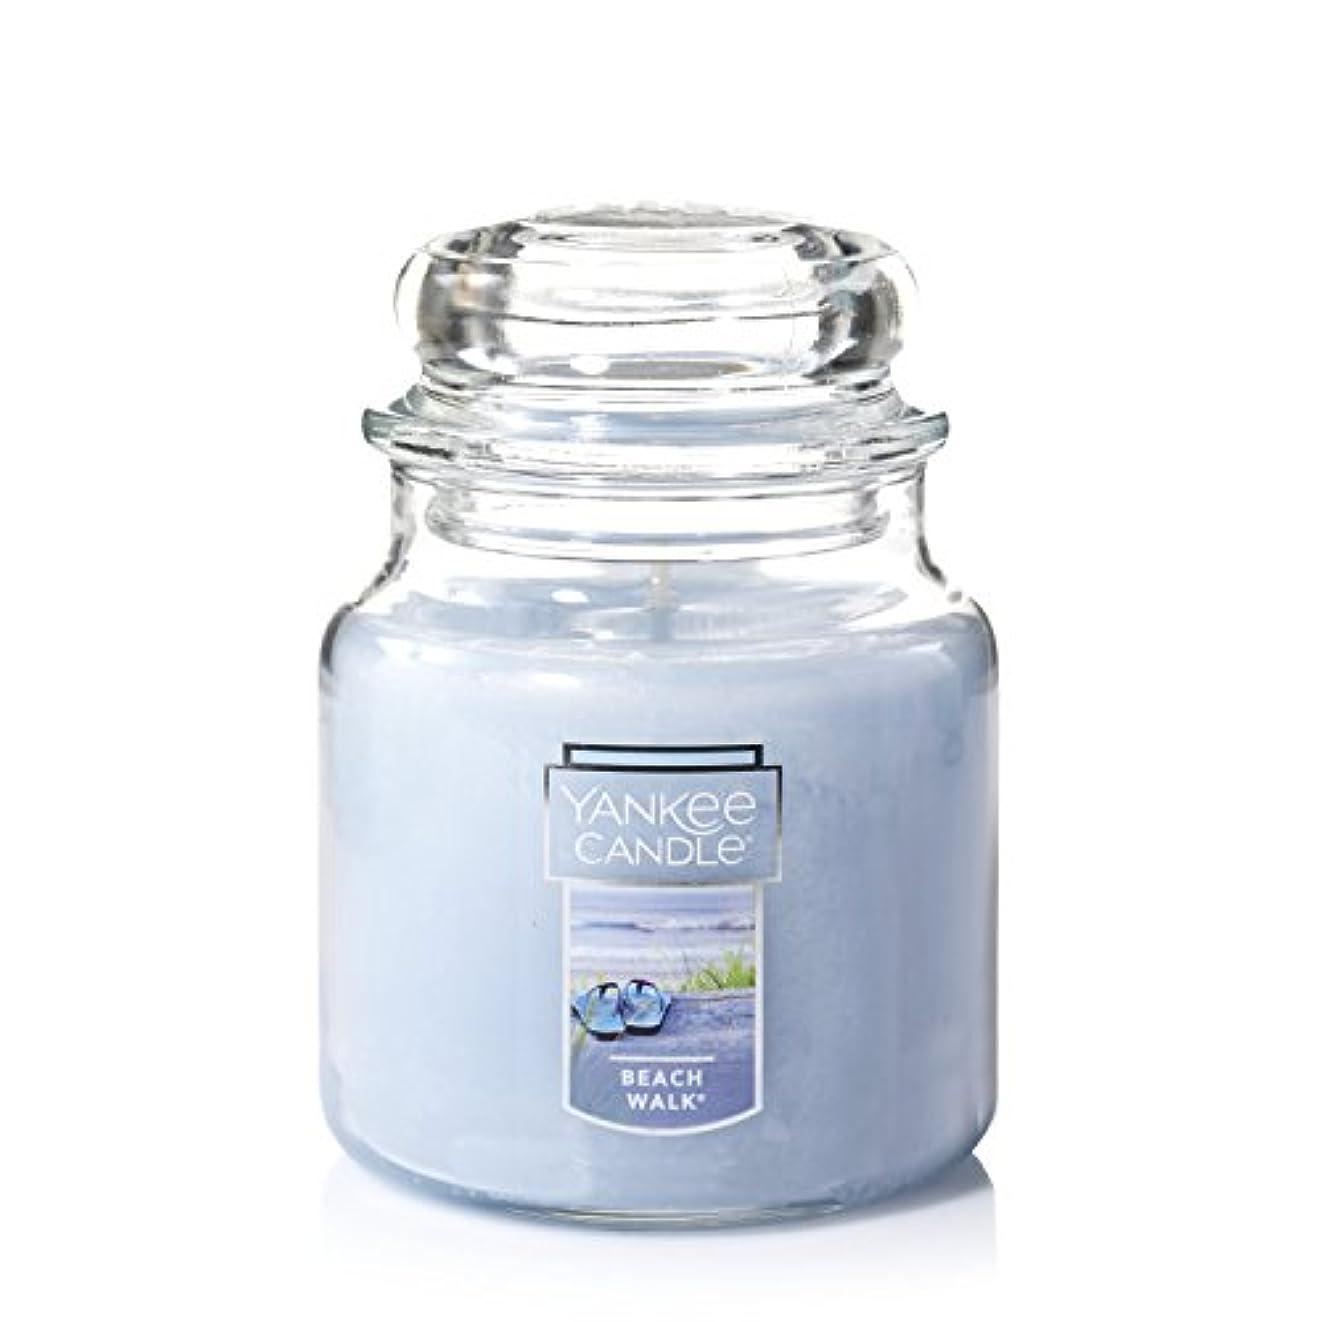 薬理学綺麗な日常的に(ヤンキーキャンドル) Yankee Candle Lサイズ ジャーキャンドル Medium Jar Candle 1129791Z